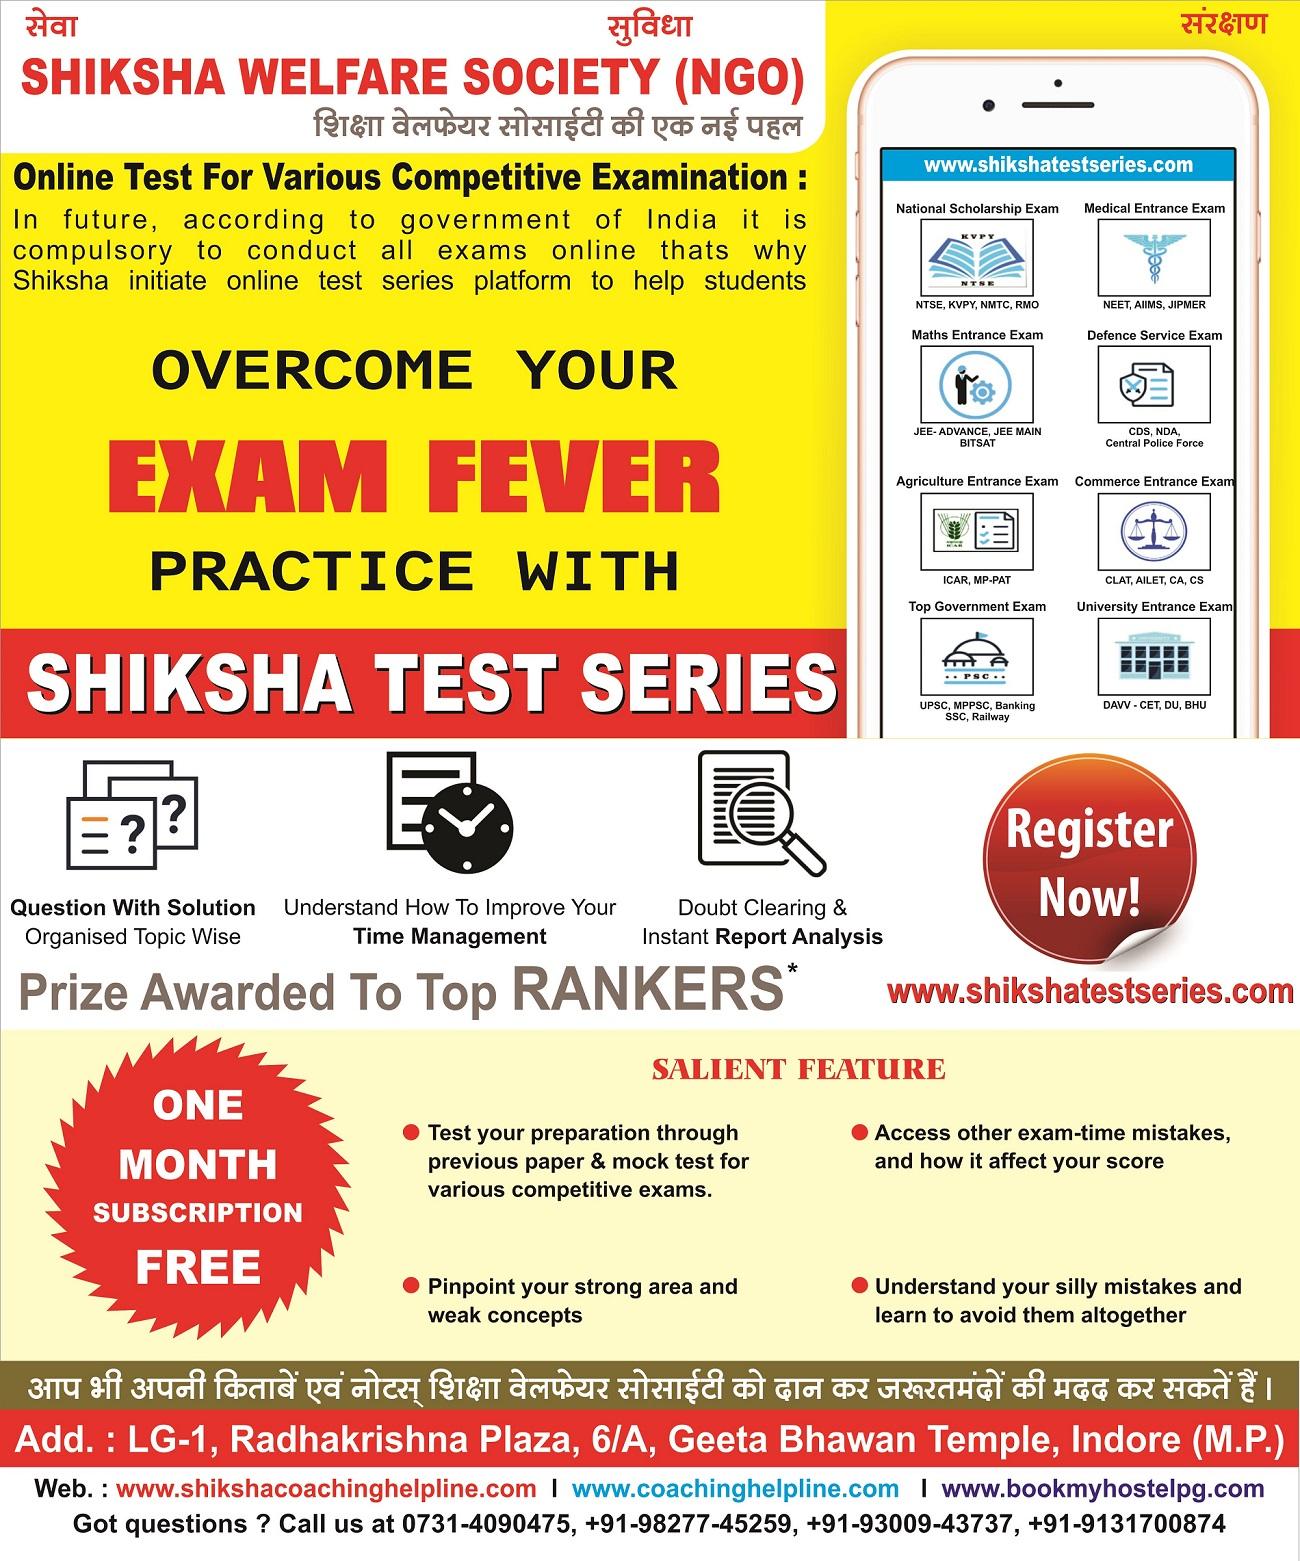 Shiksha Test Series